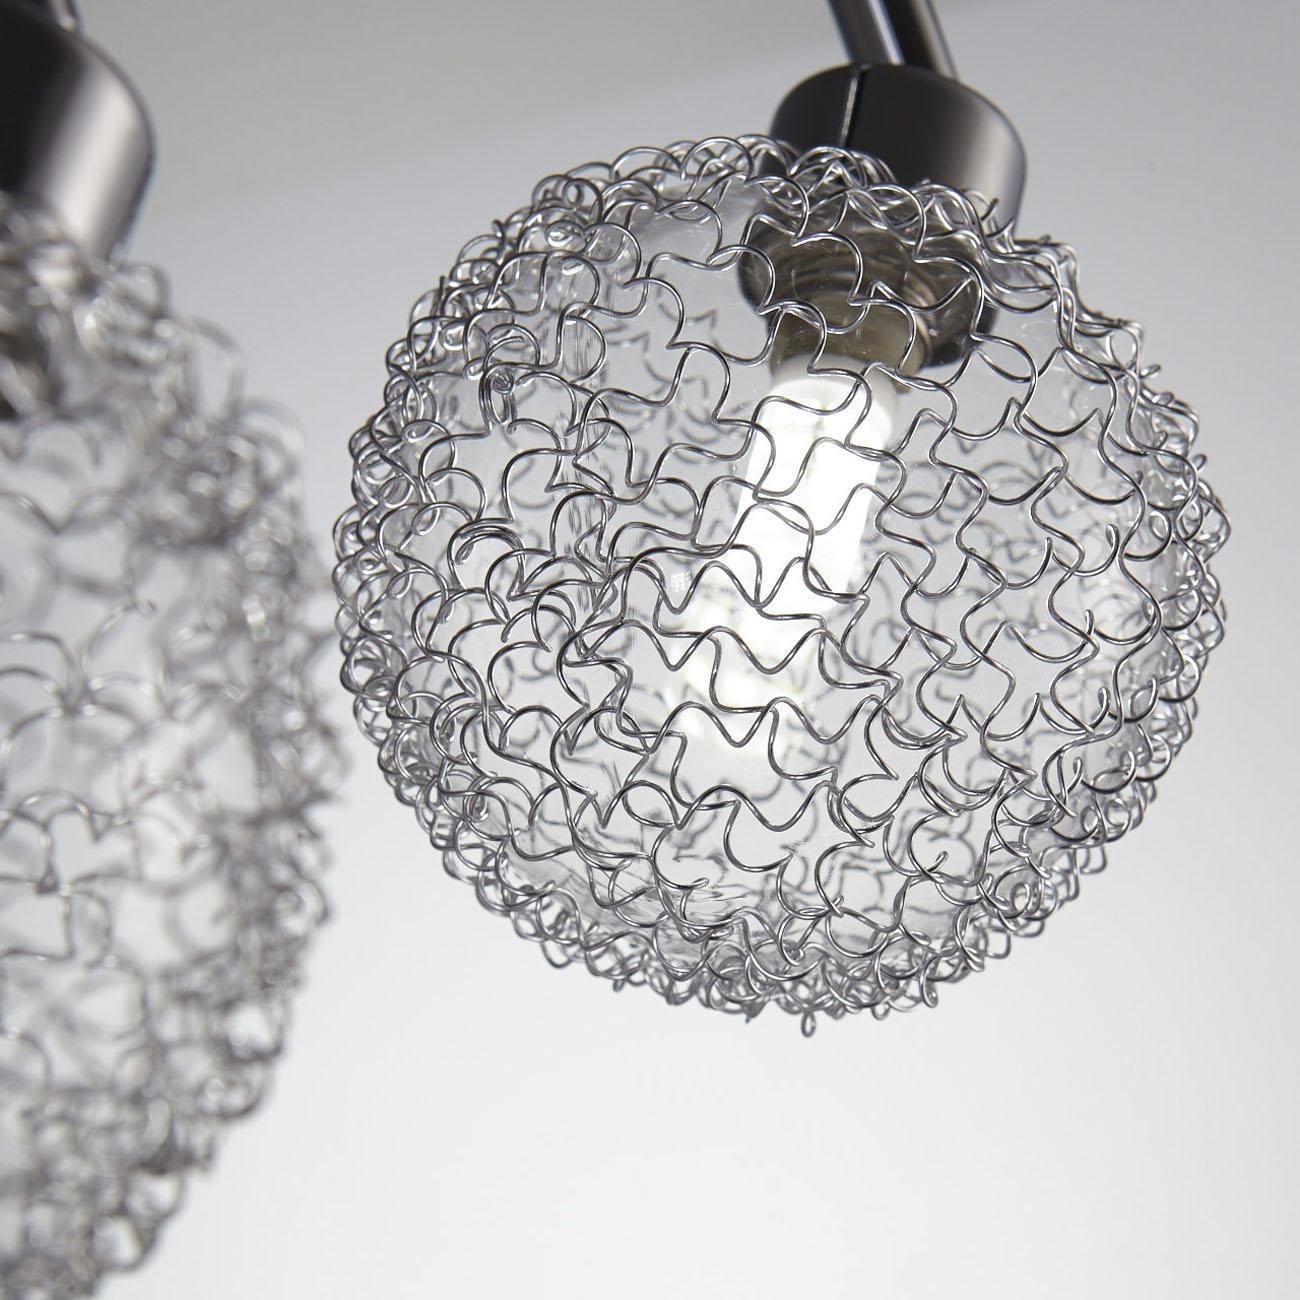 LED Design Deckenleuchte mit Glaskugeln 2-flammig - 6